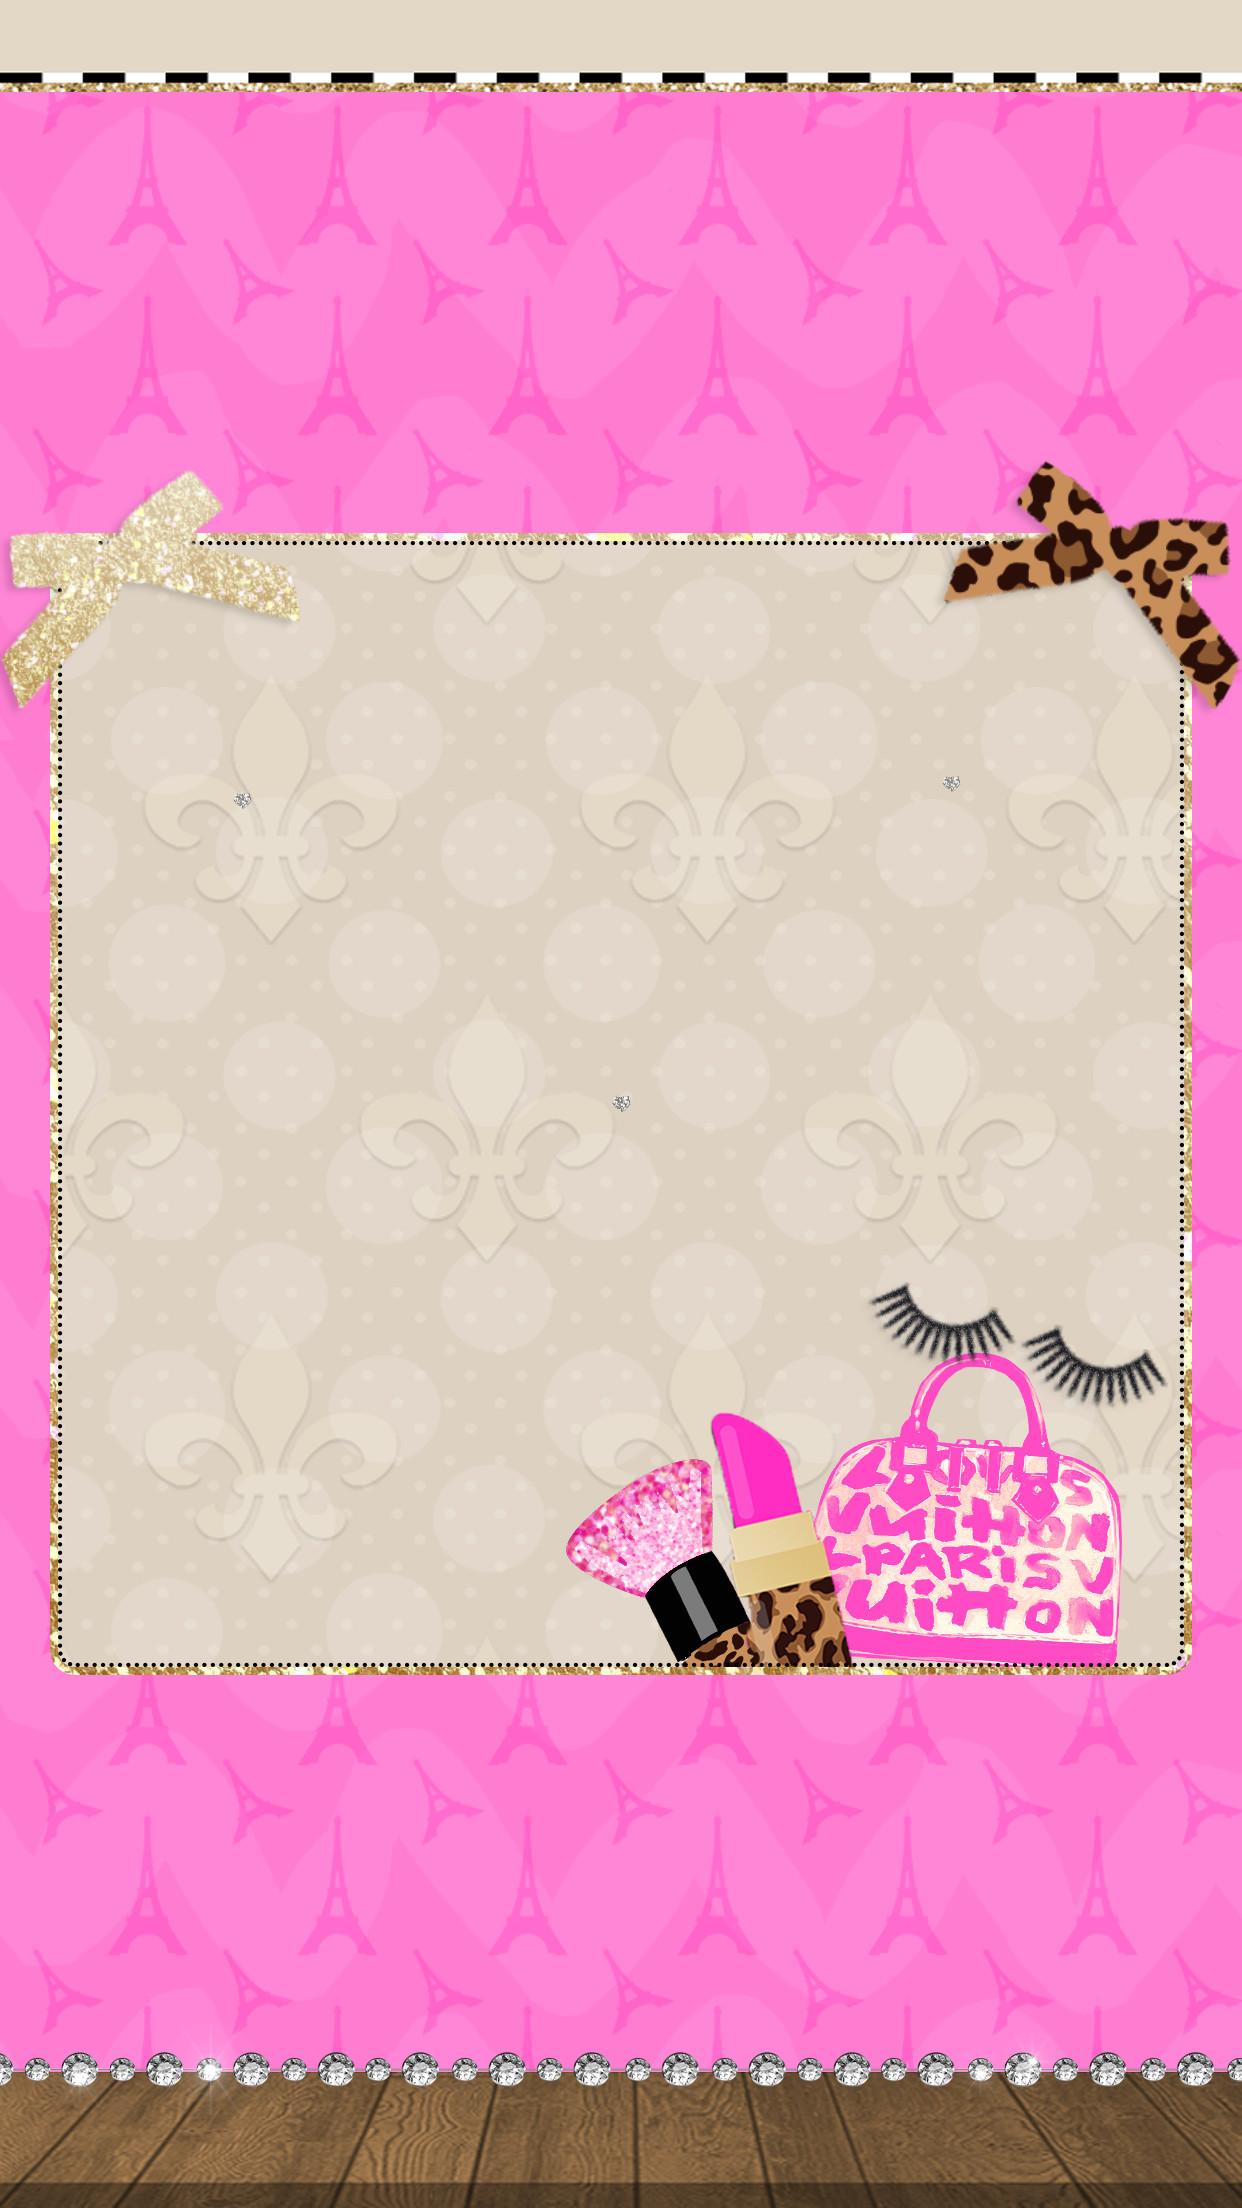 Cute Girly Desktop Wallpaper 54 Images